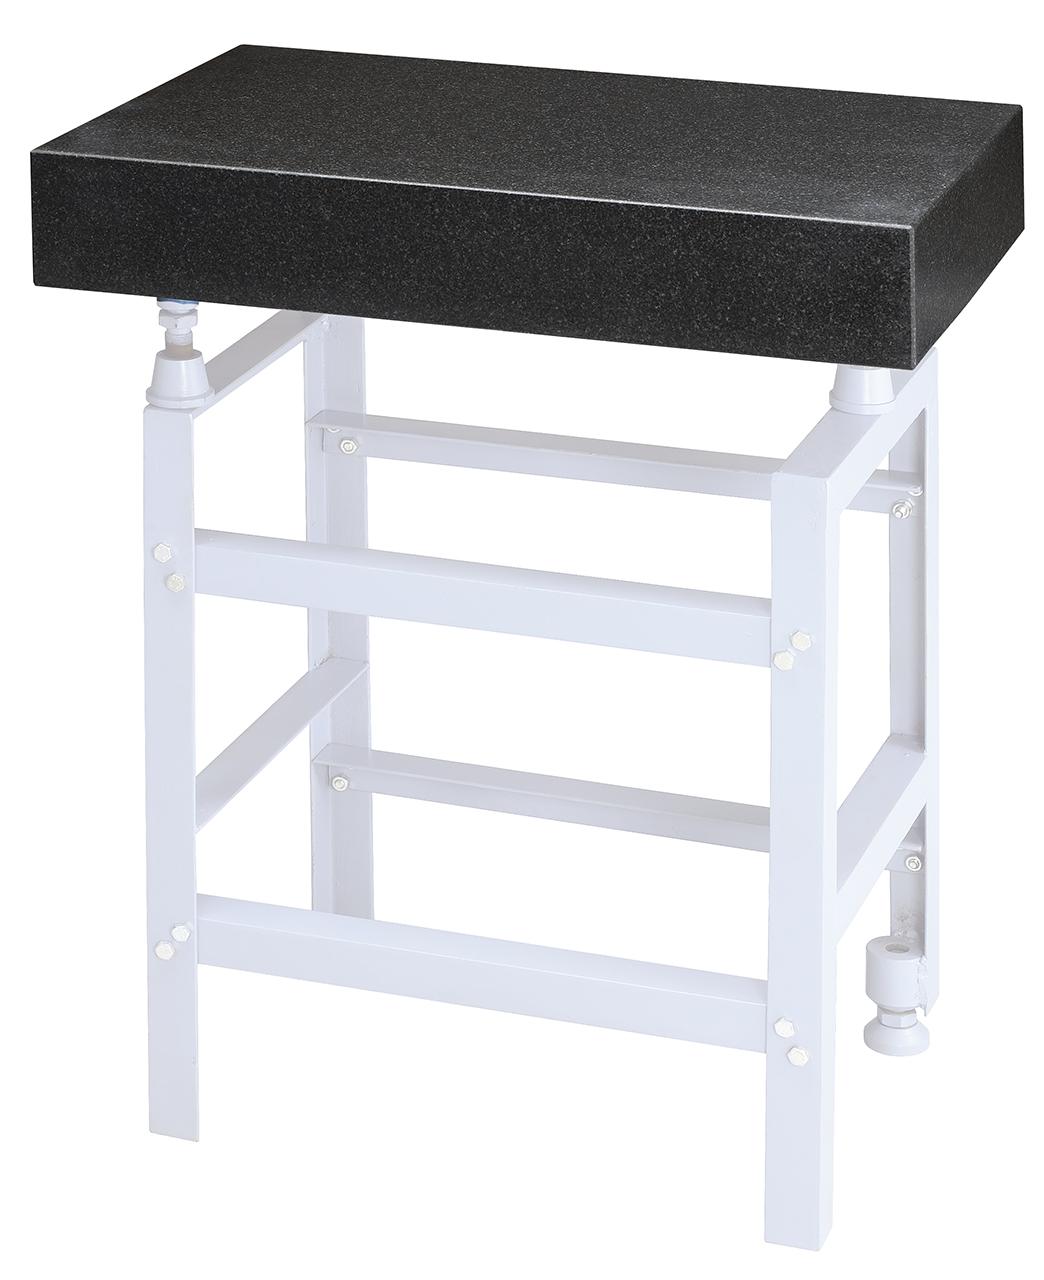 Stół z granitowym blatem 630 x 400 x 100 mm BERNARDO